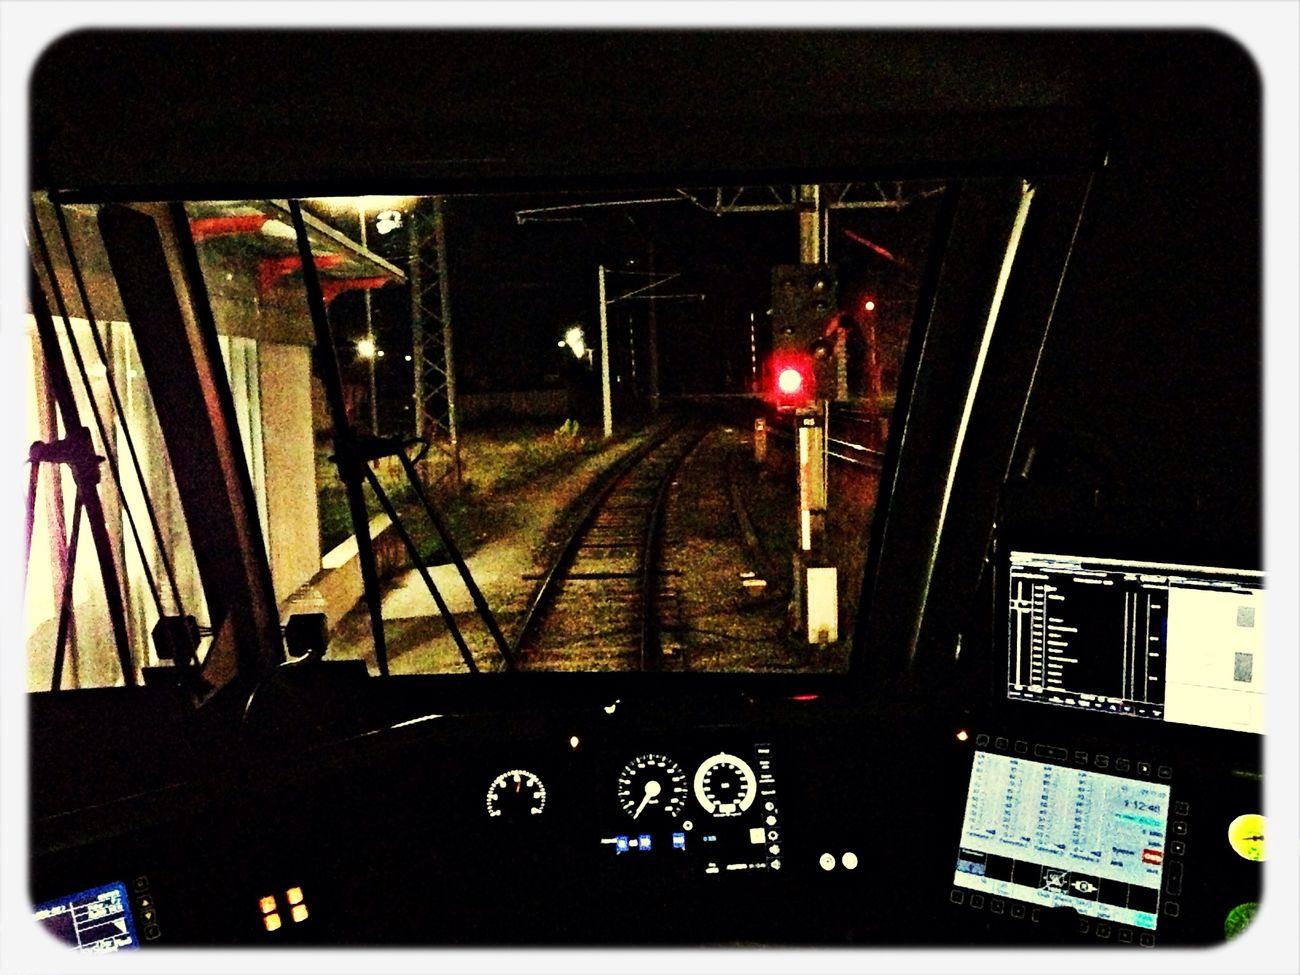 Götzendorf Götzendorf Bahnhof Railway Train